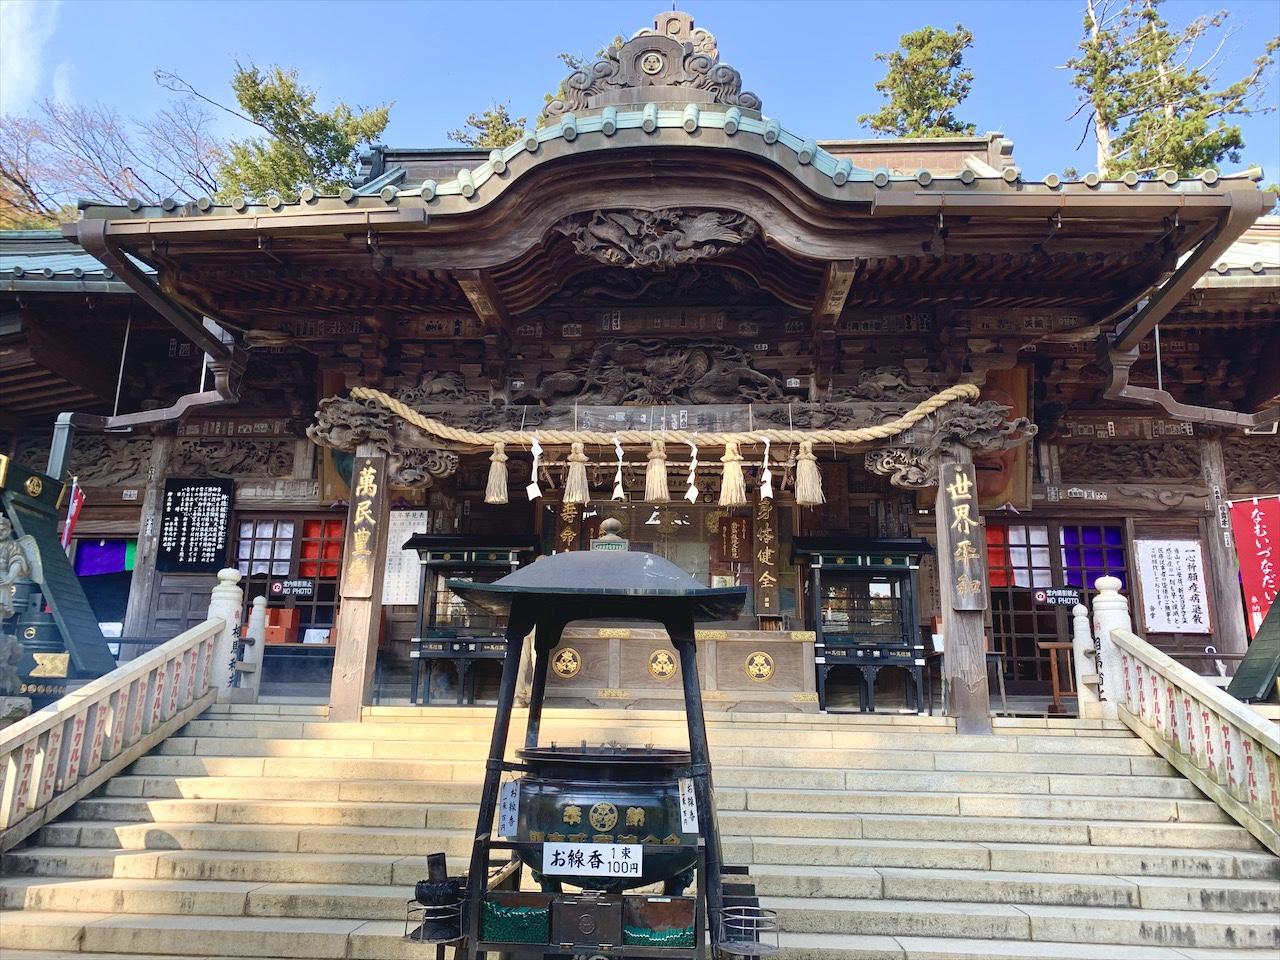 パワースポット㉟高尾山薬王院(東京都八王子市)